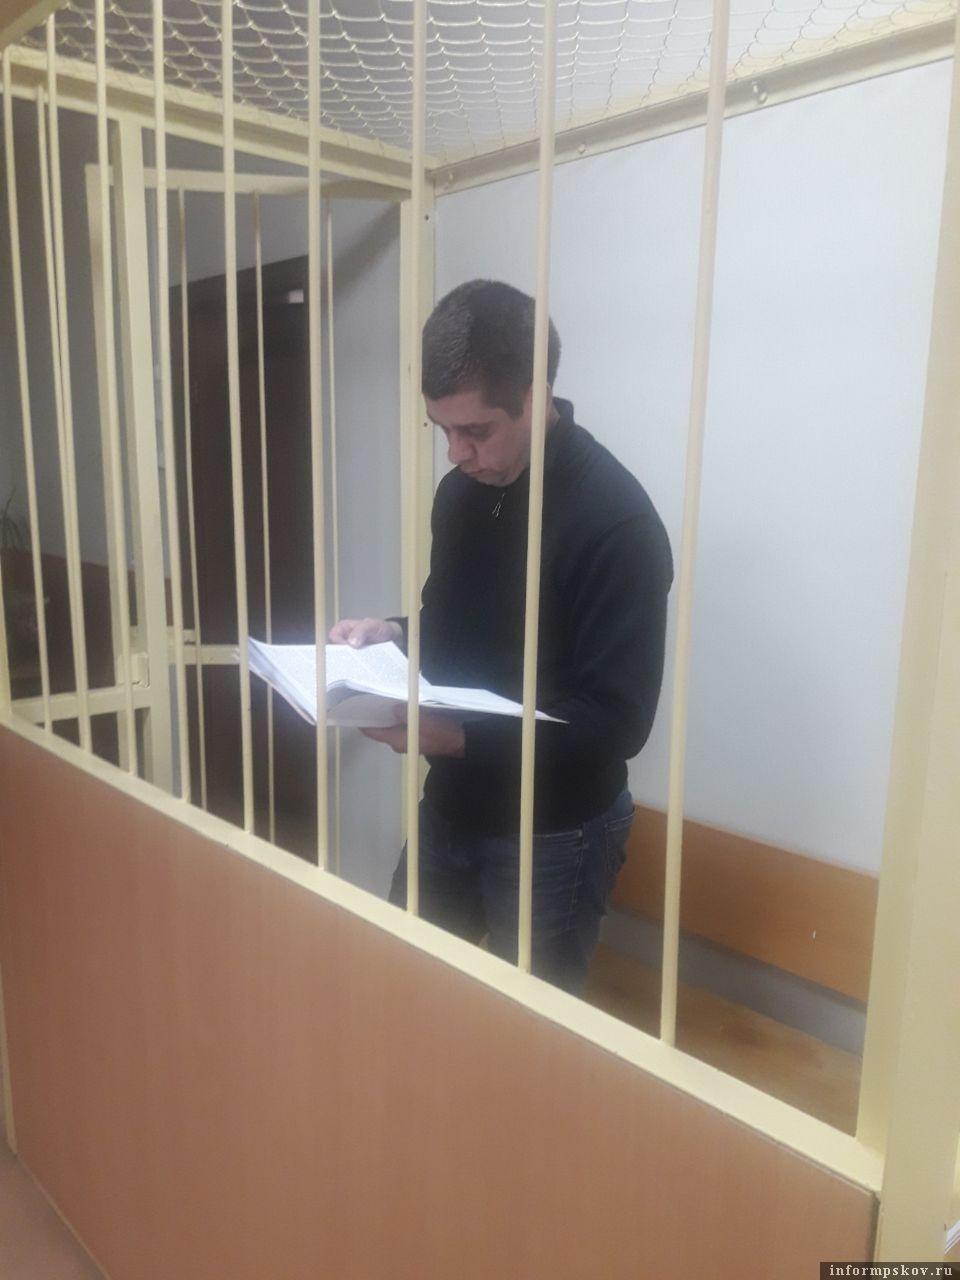 Фото: Объединенная пресс-служба судебной системы Санкт-Петербурга